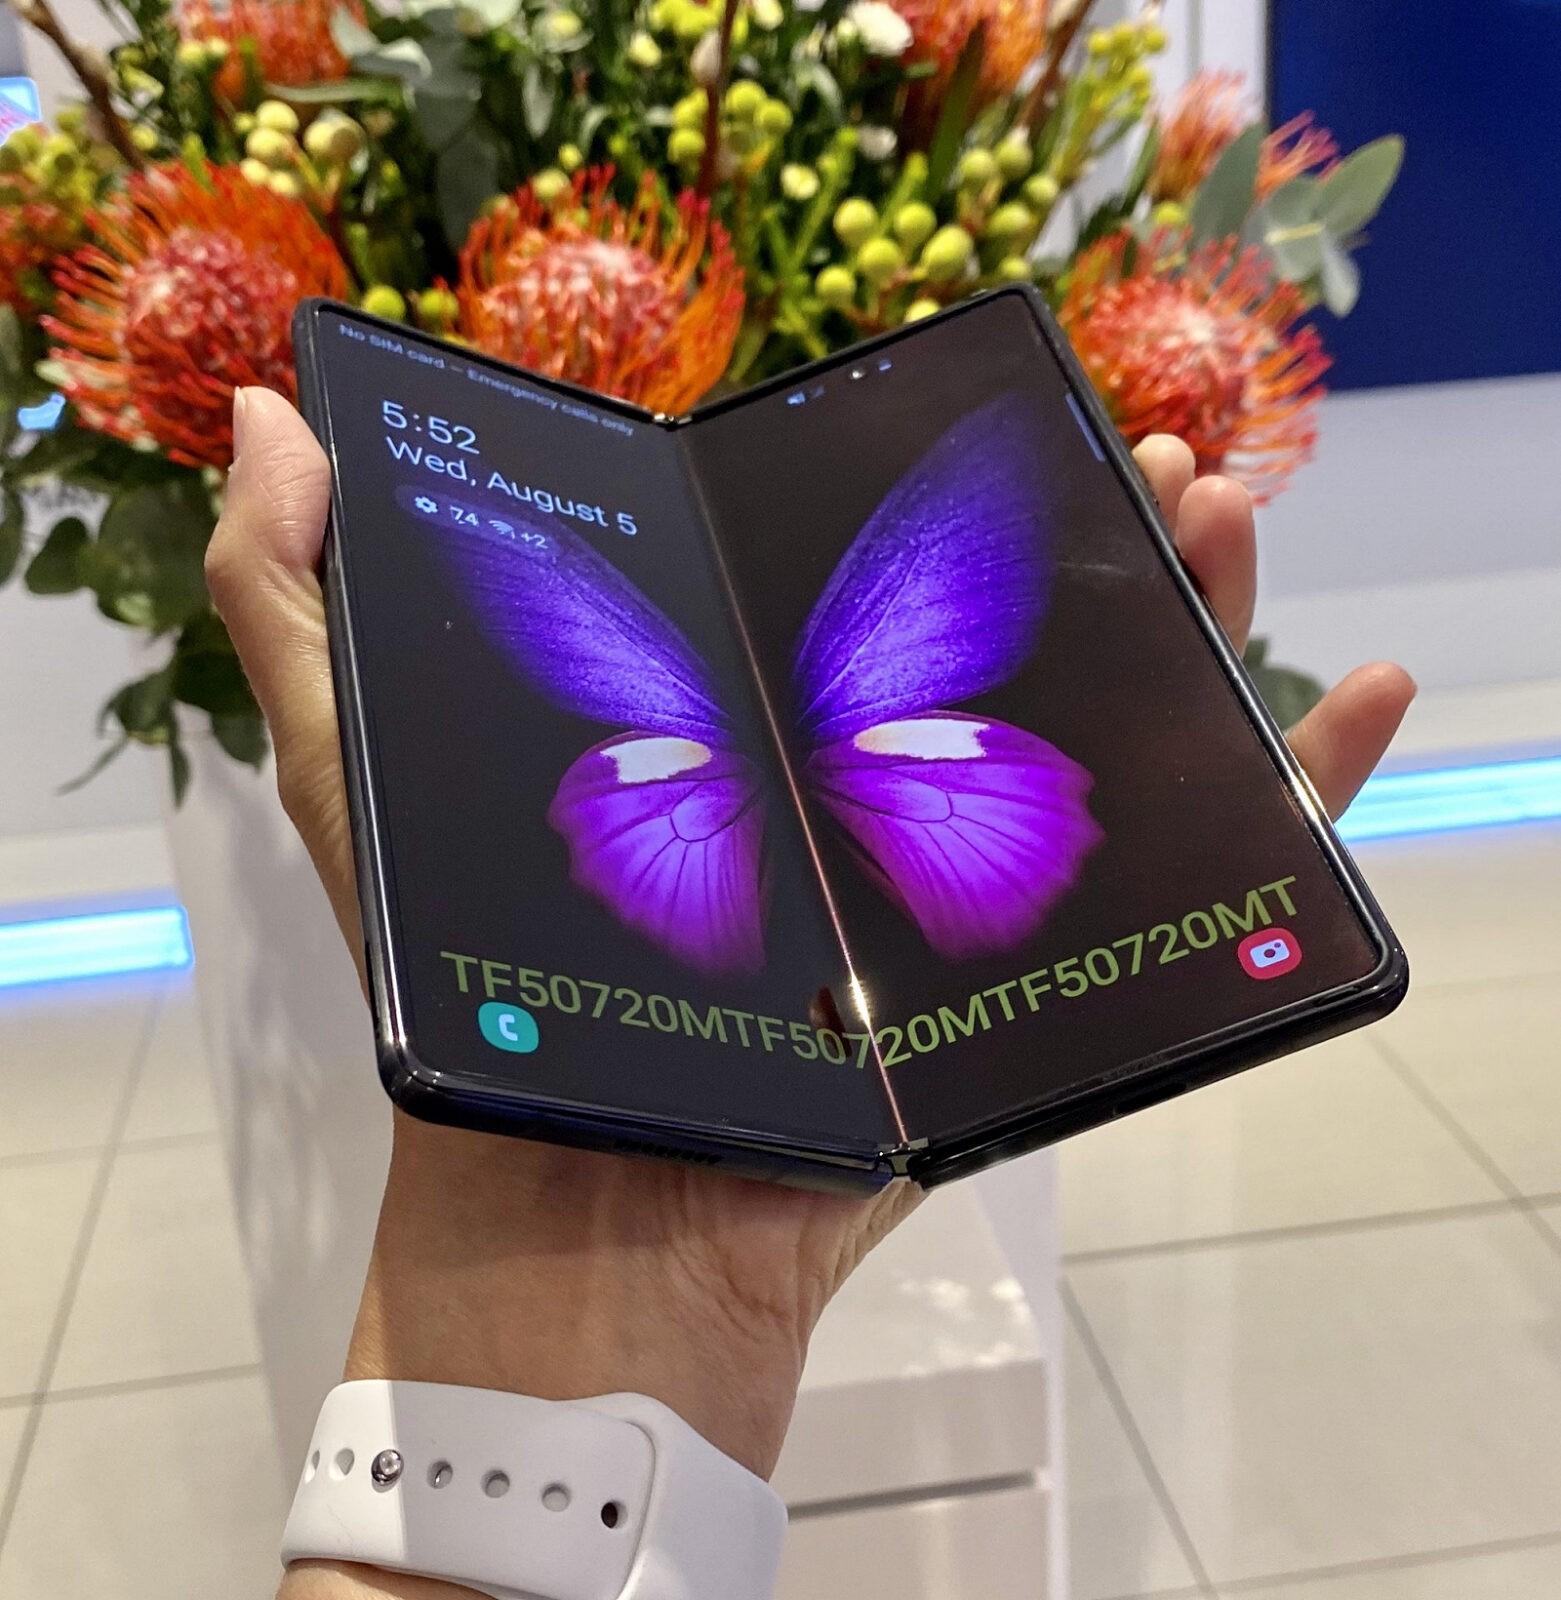 Новый Samsung Galaxy Z Fold2 избавился от знаменитой складки на экране. Реальные фото